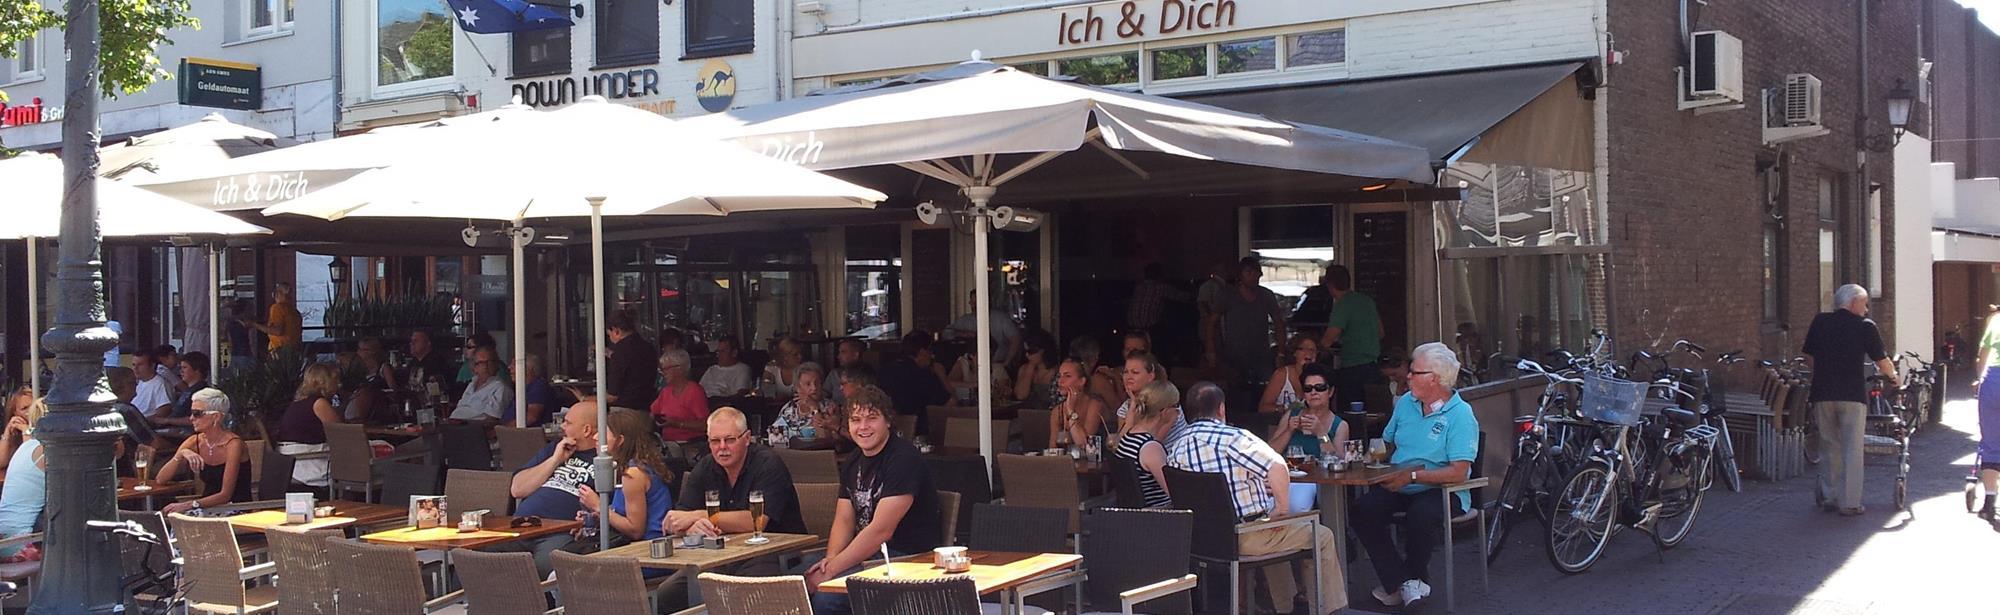 Café Ich & Dich